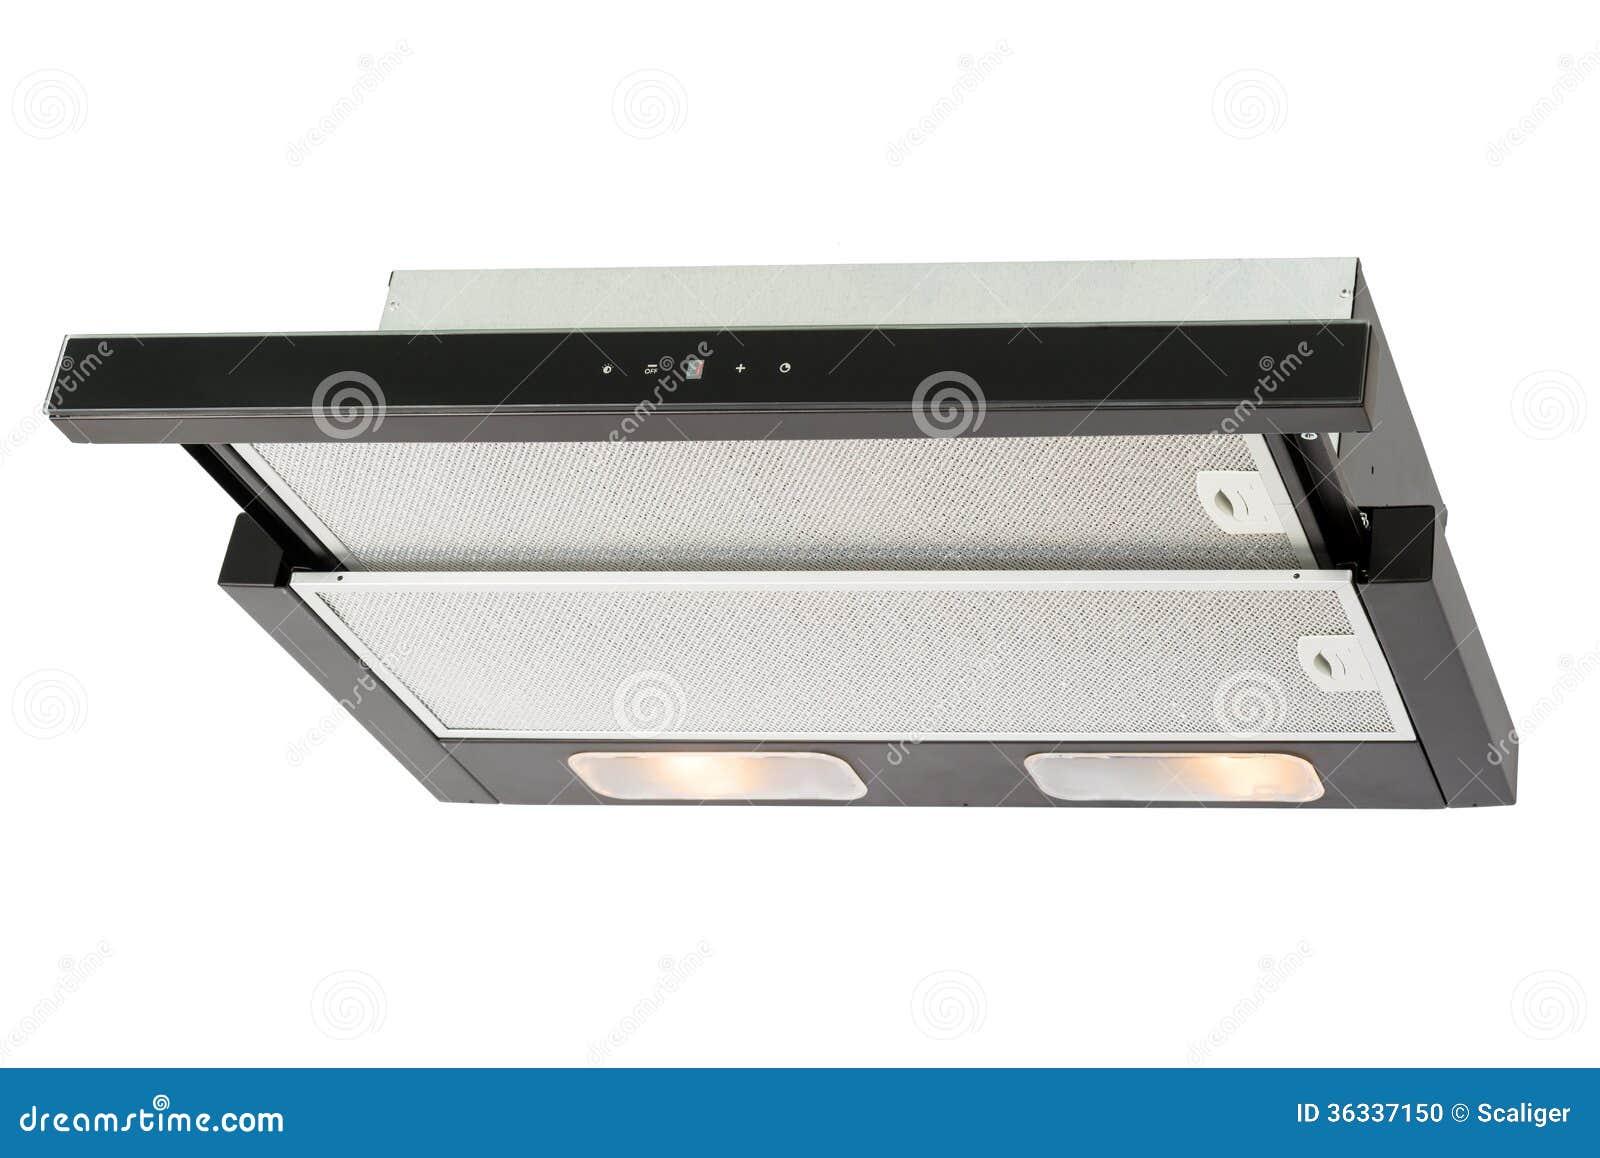 Cappa da cucina nera fotografia stock. immagine di forno 36337150